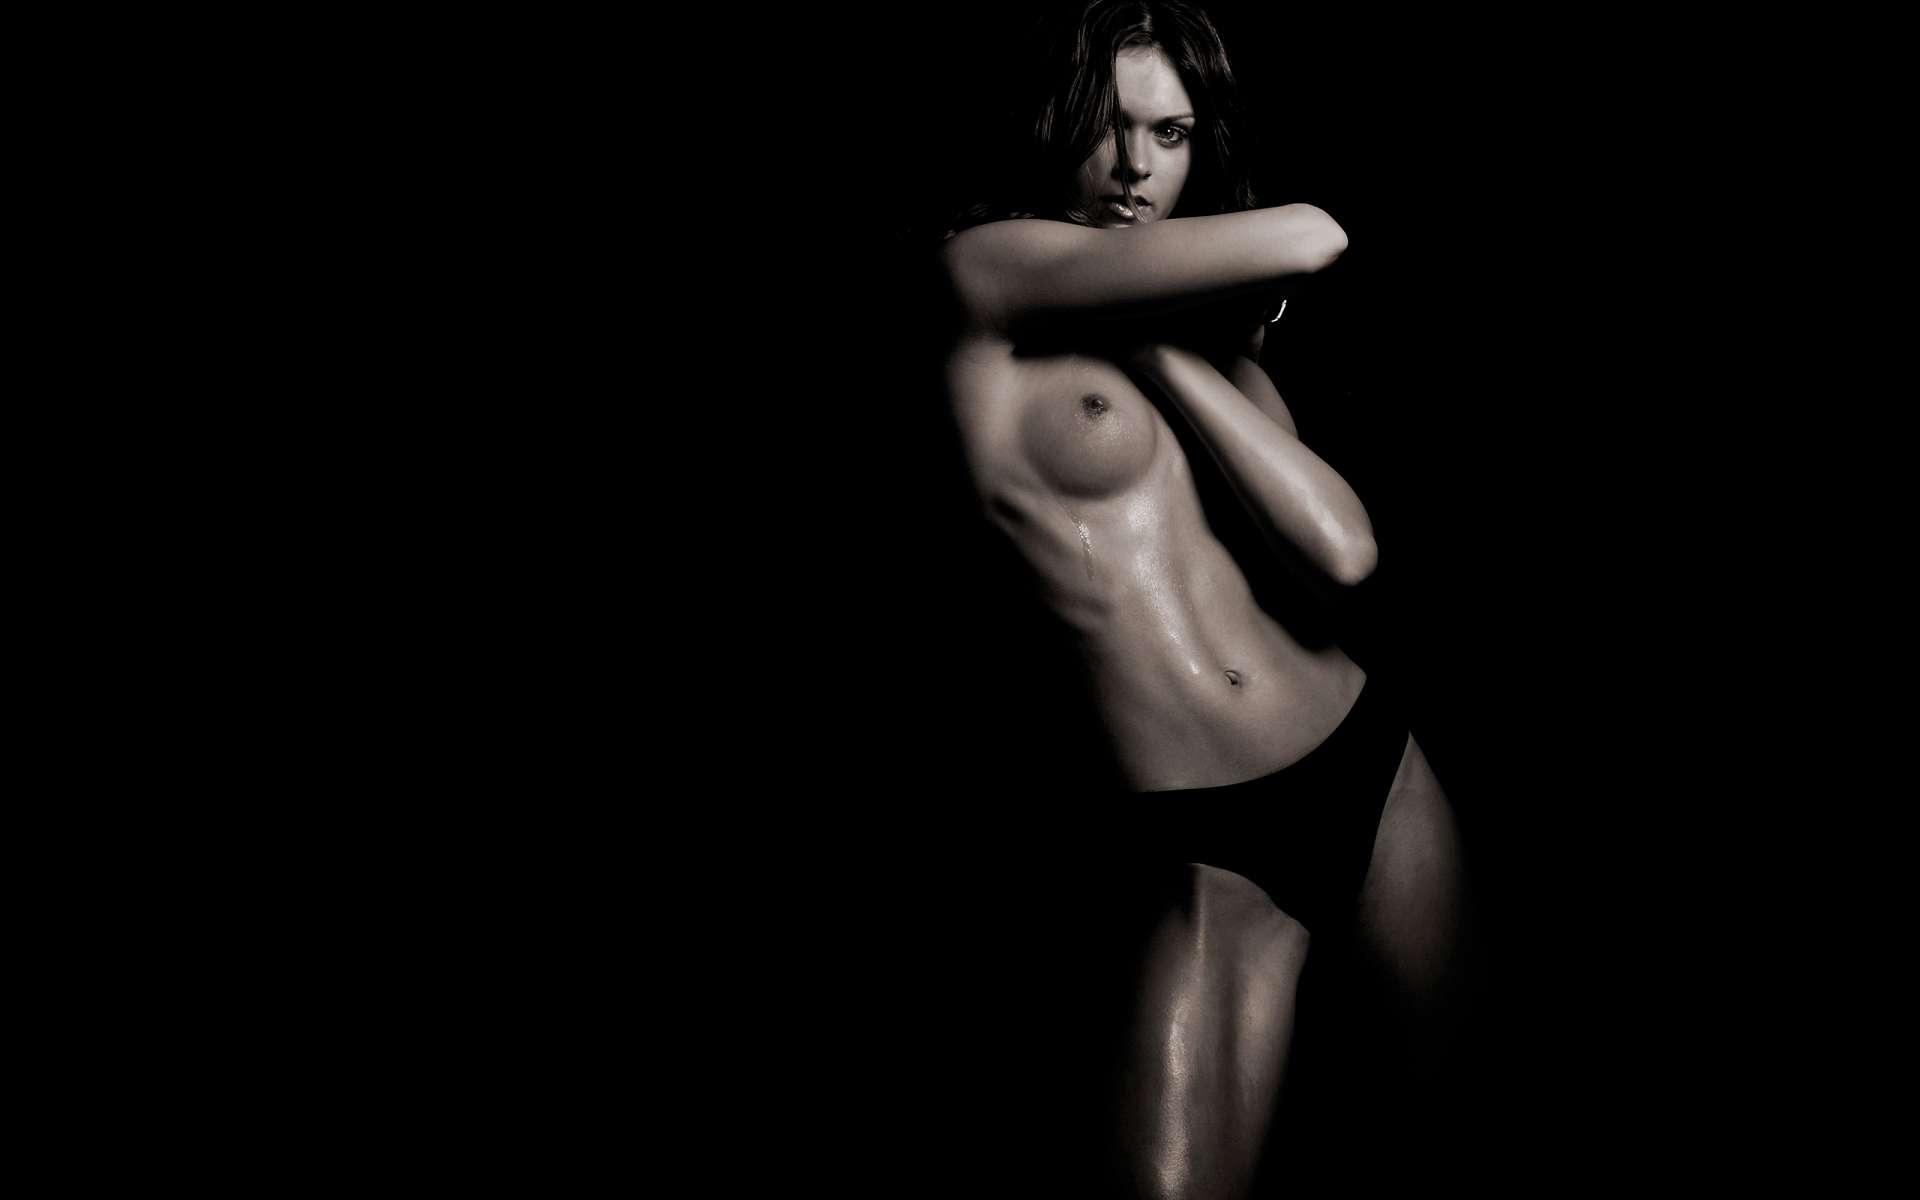 Свежая эротика на темном фоне фото